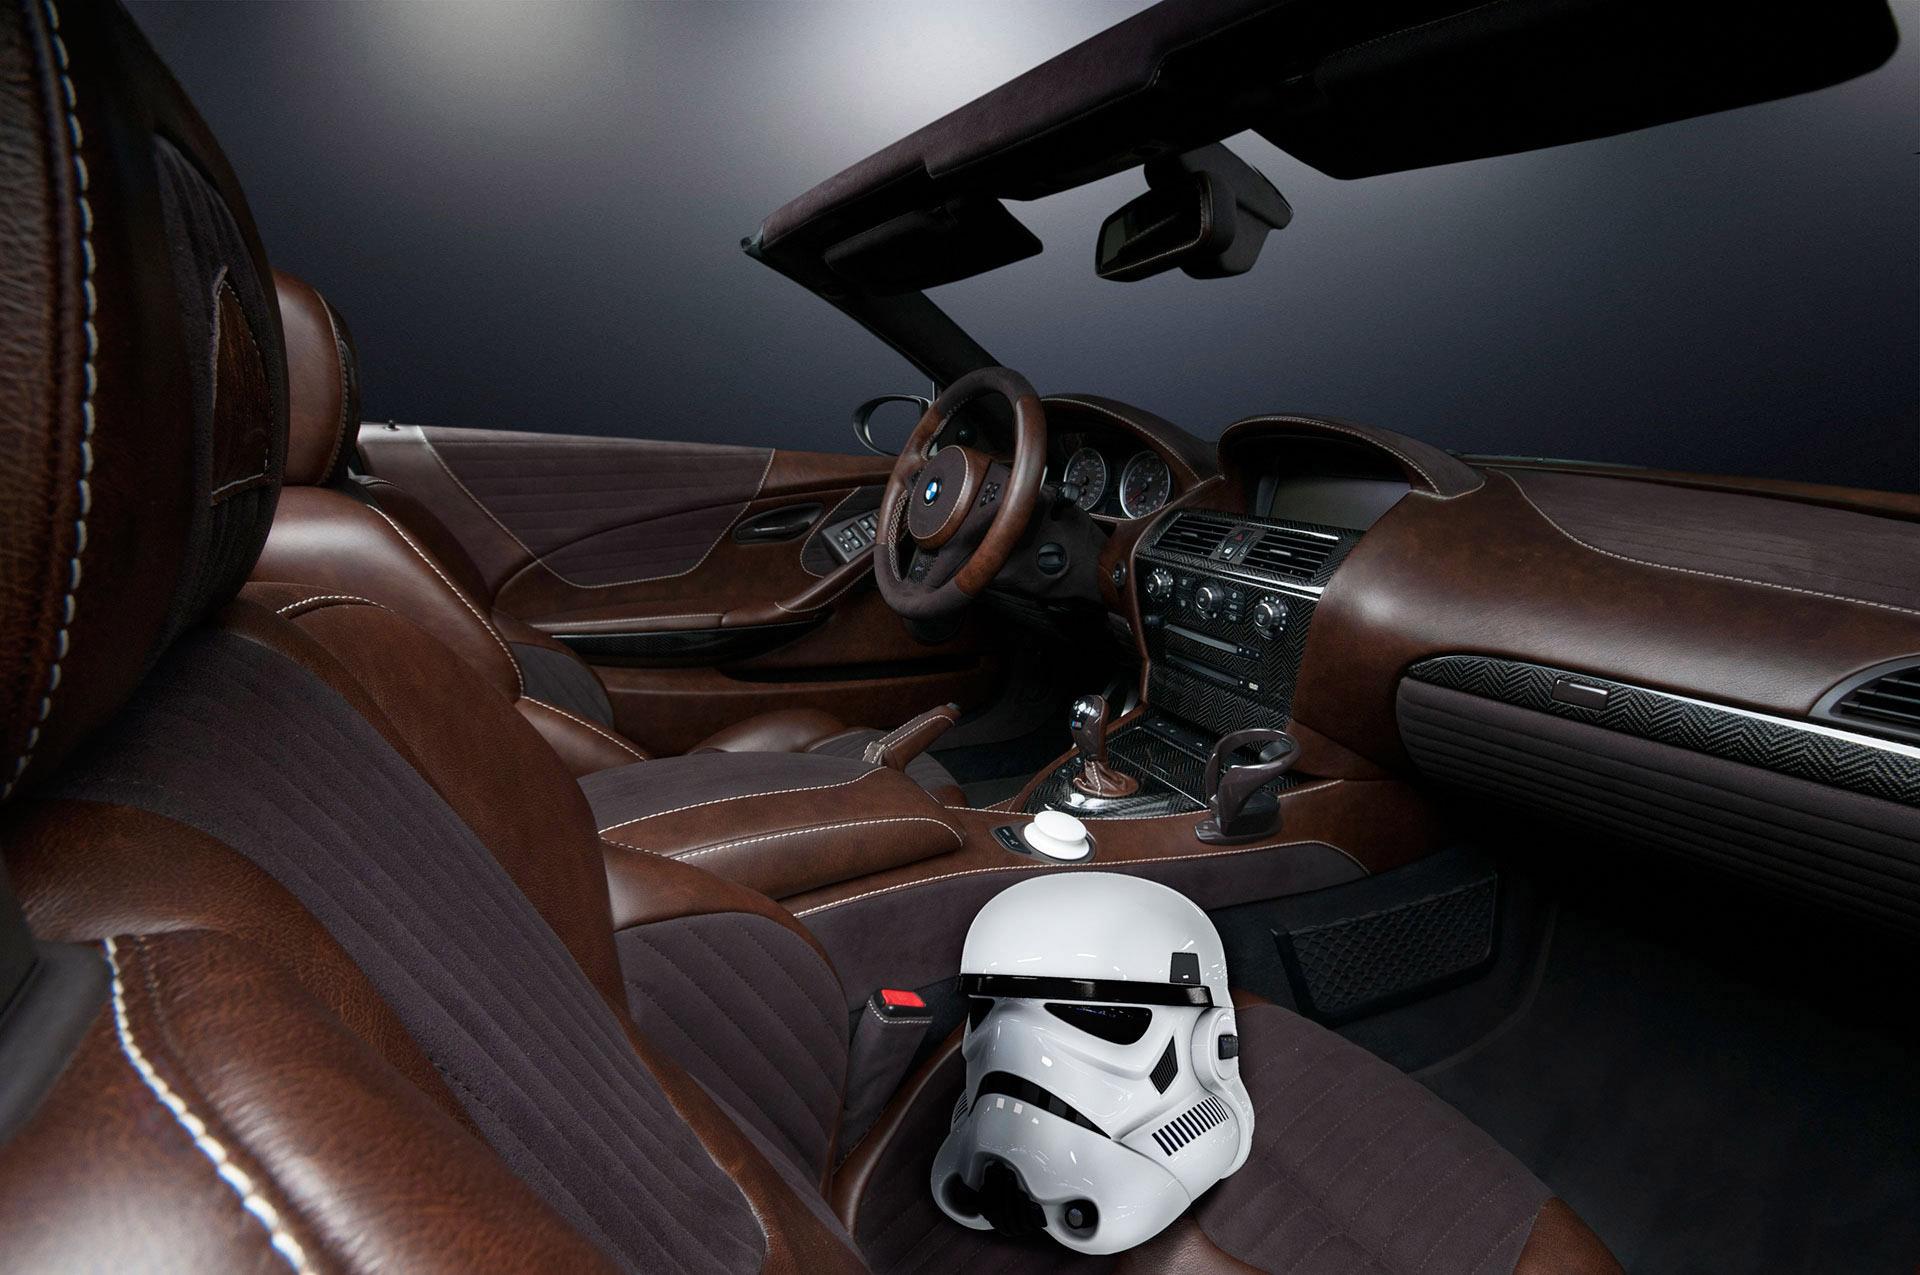 http://www.automobilesreview.com/img/bmw-stormtrooper-by-vilner/bmw-stormtrooper-by-vilner-16.jpg